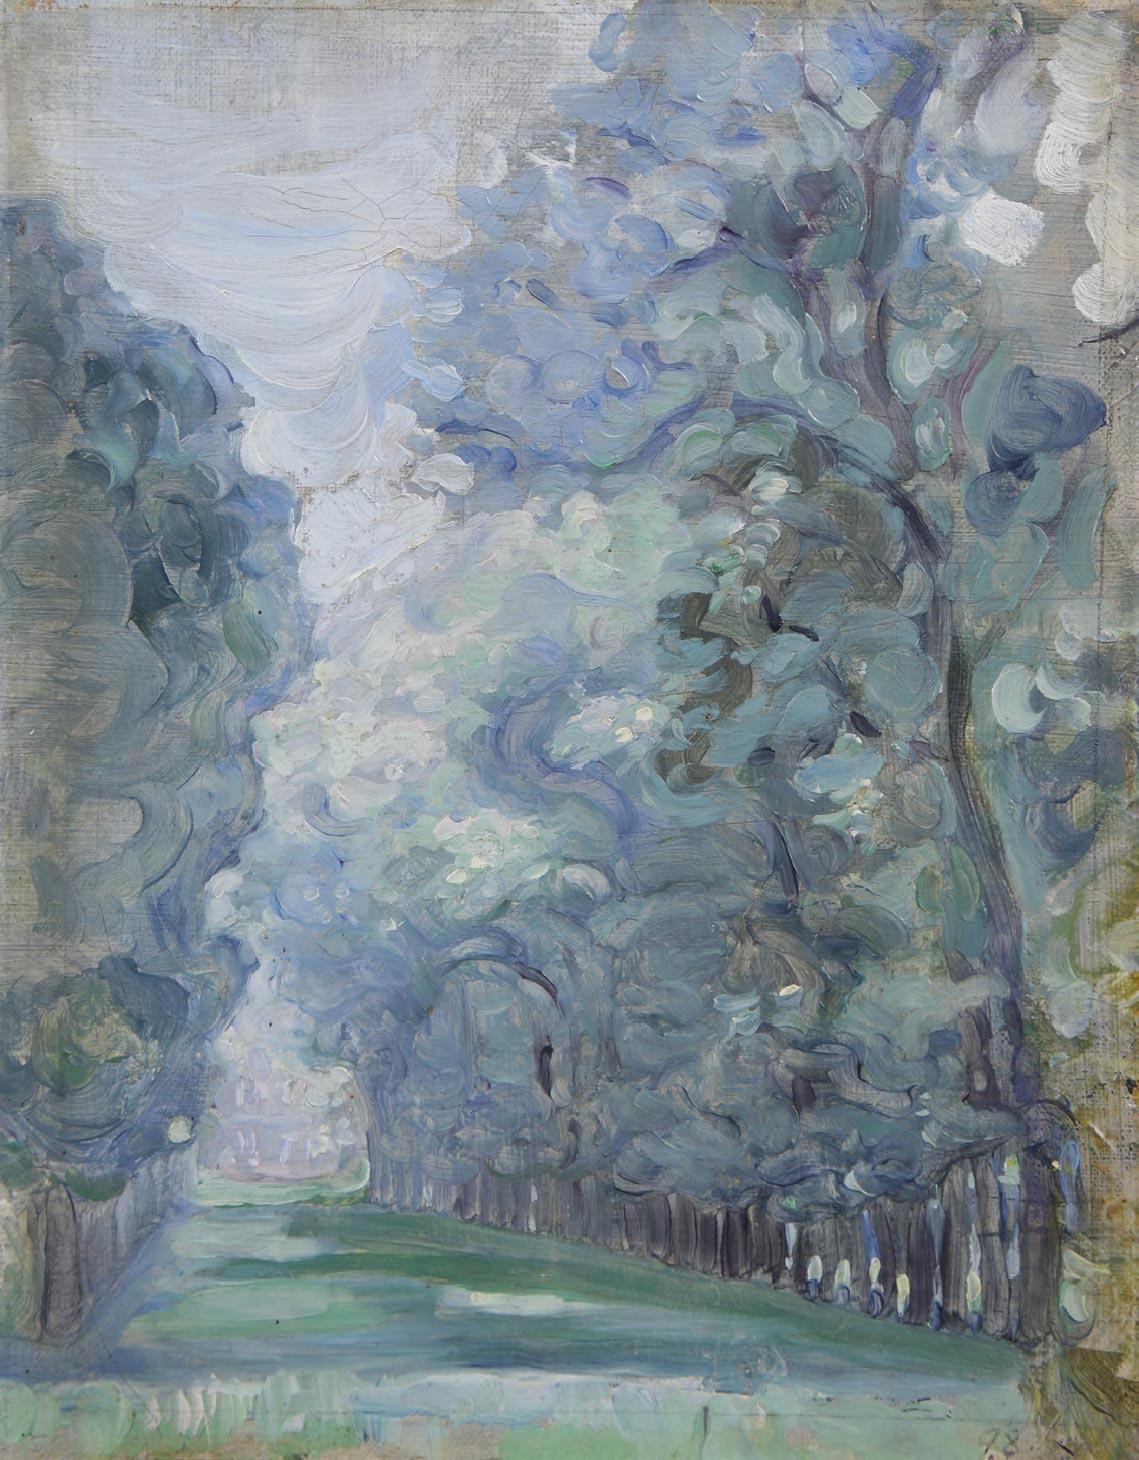 Maria YAKUNCHIKOVA. Tree Lined Avenue. 1898